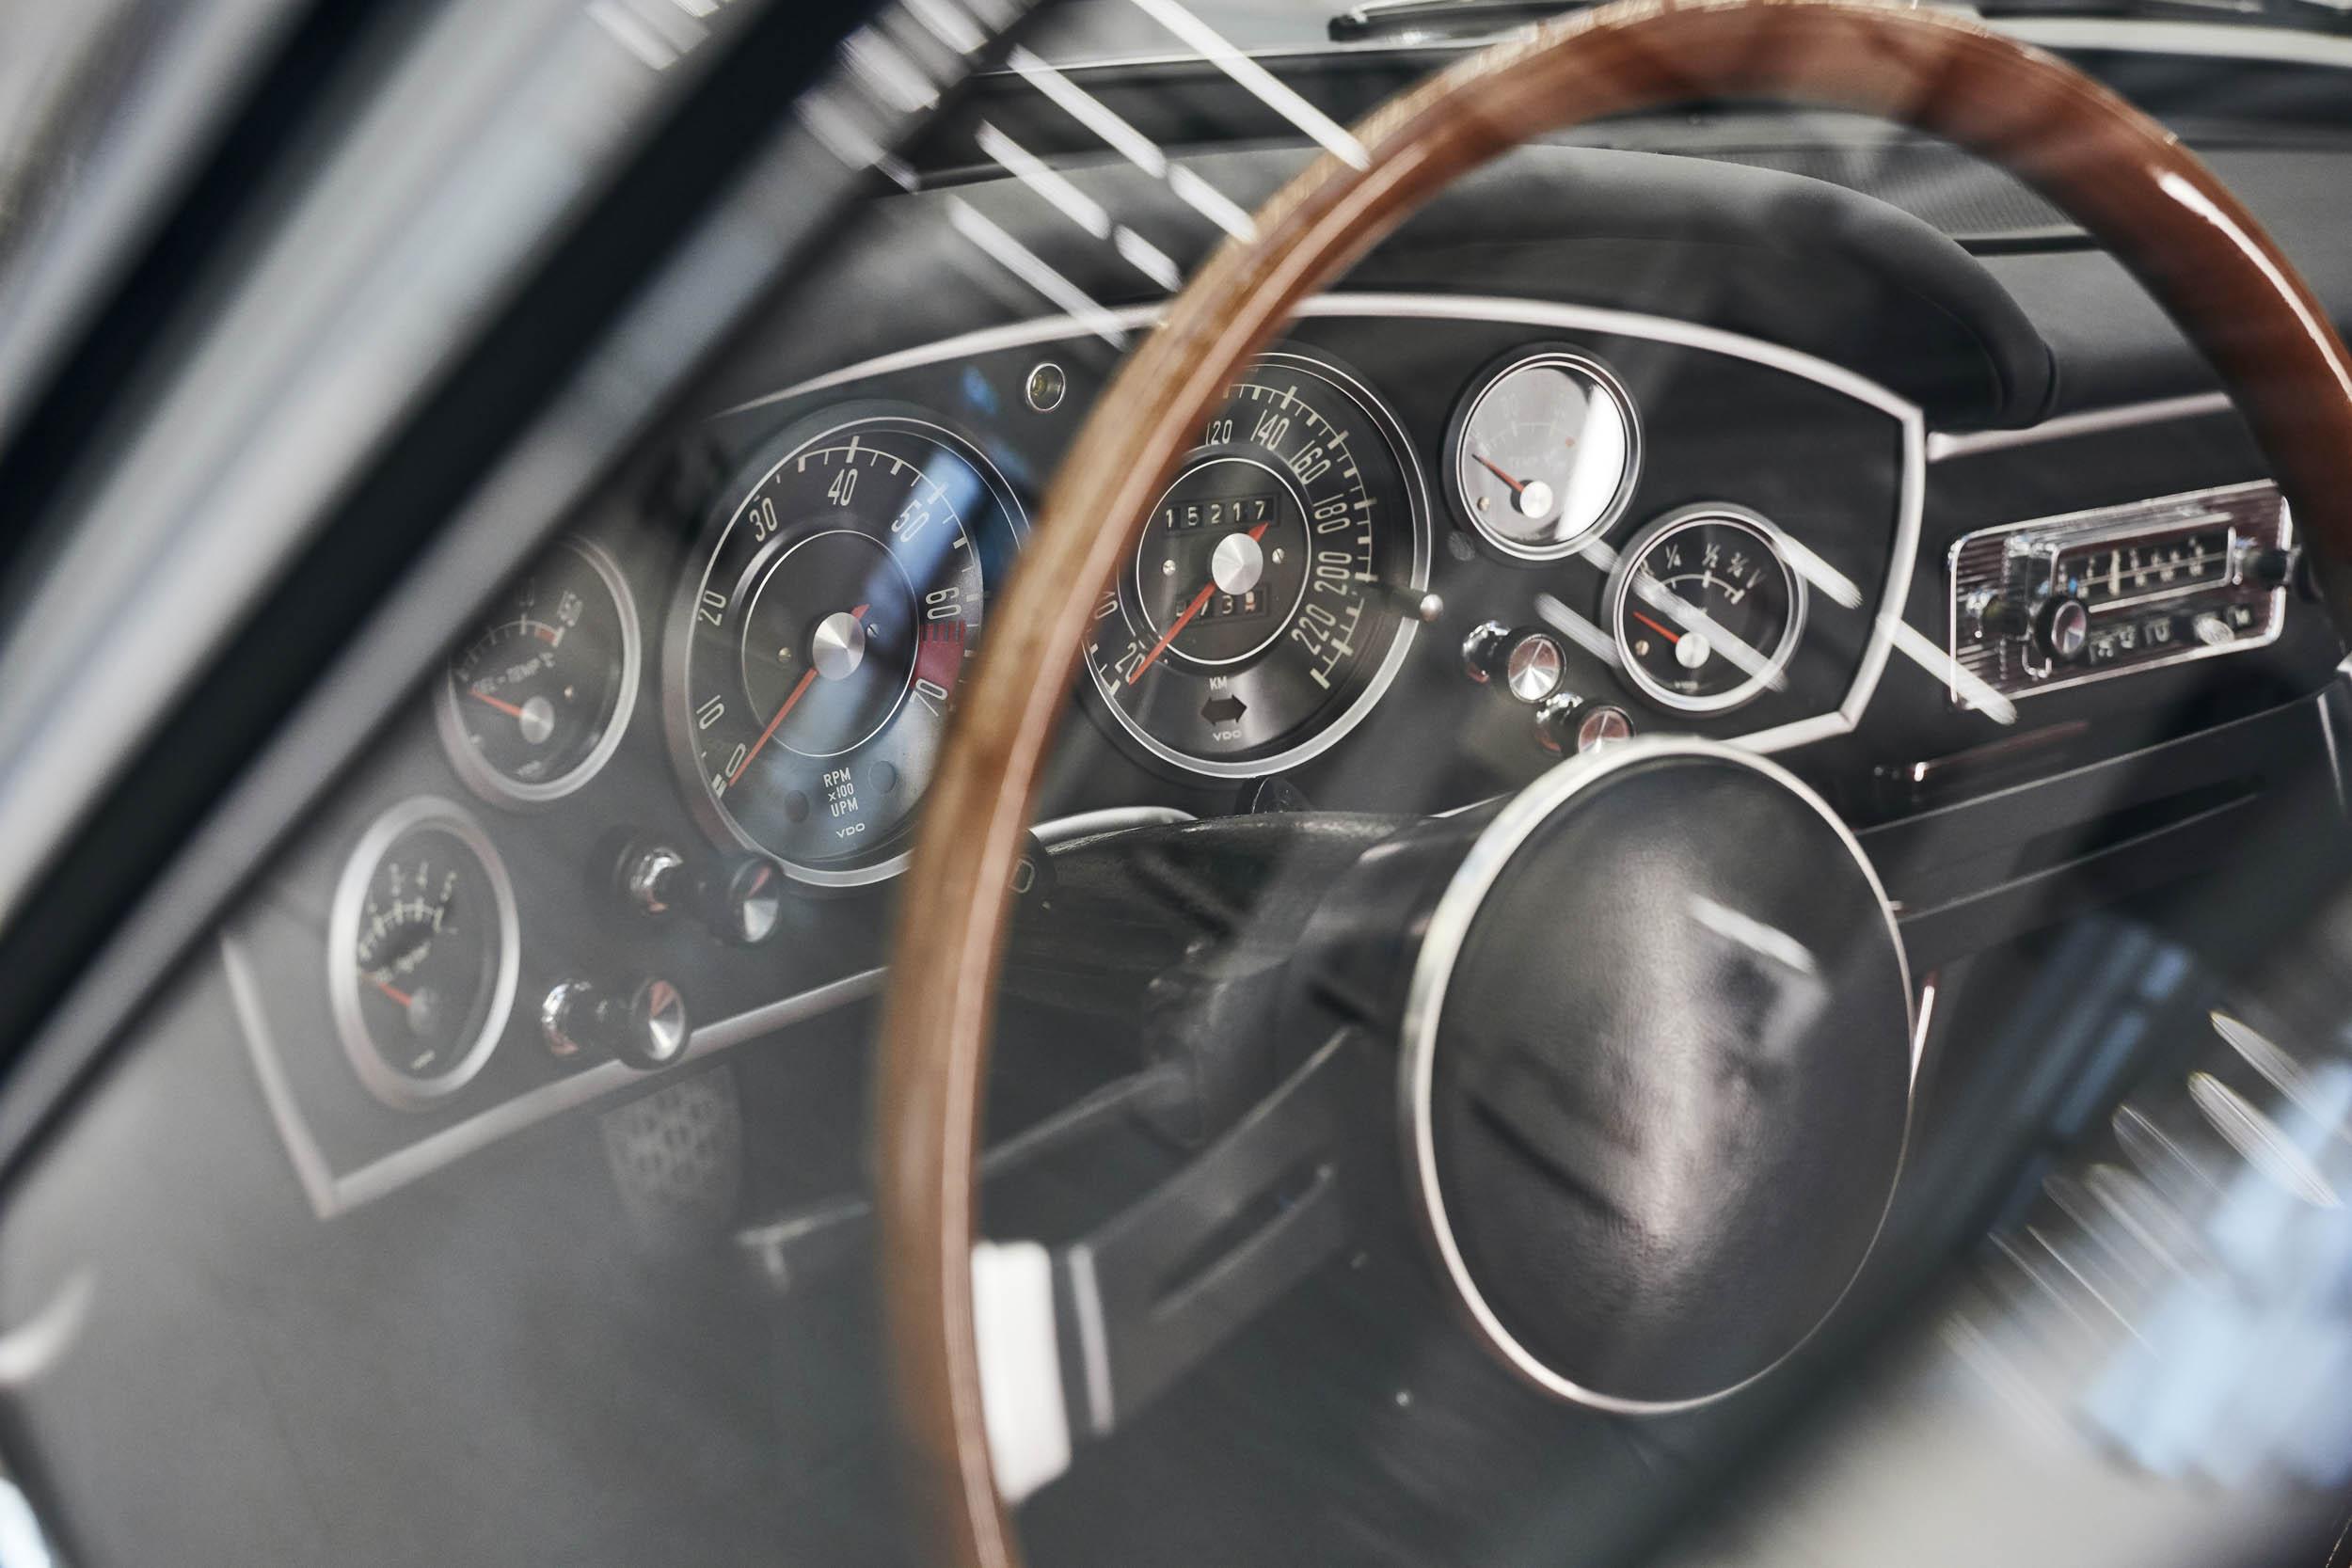 BMW 1600 GT convertible gauge cluster